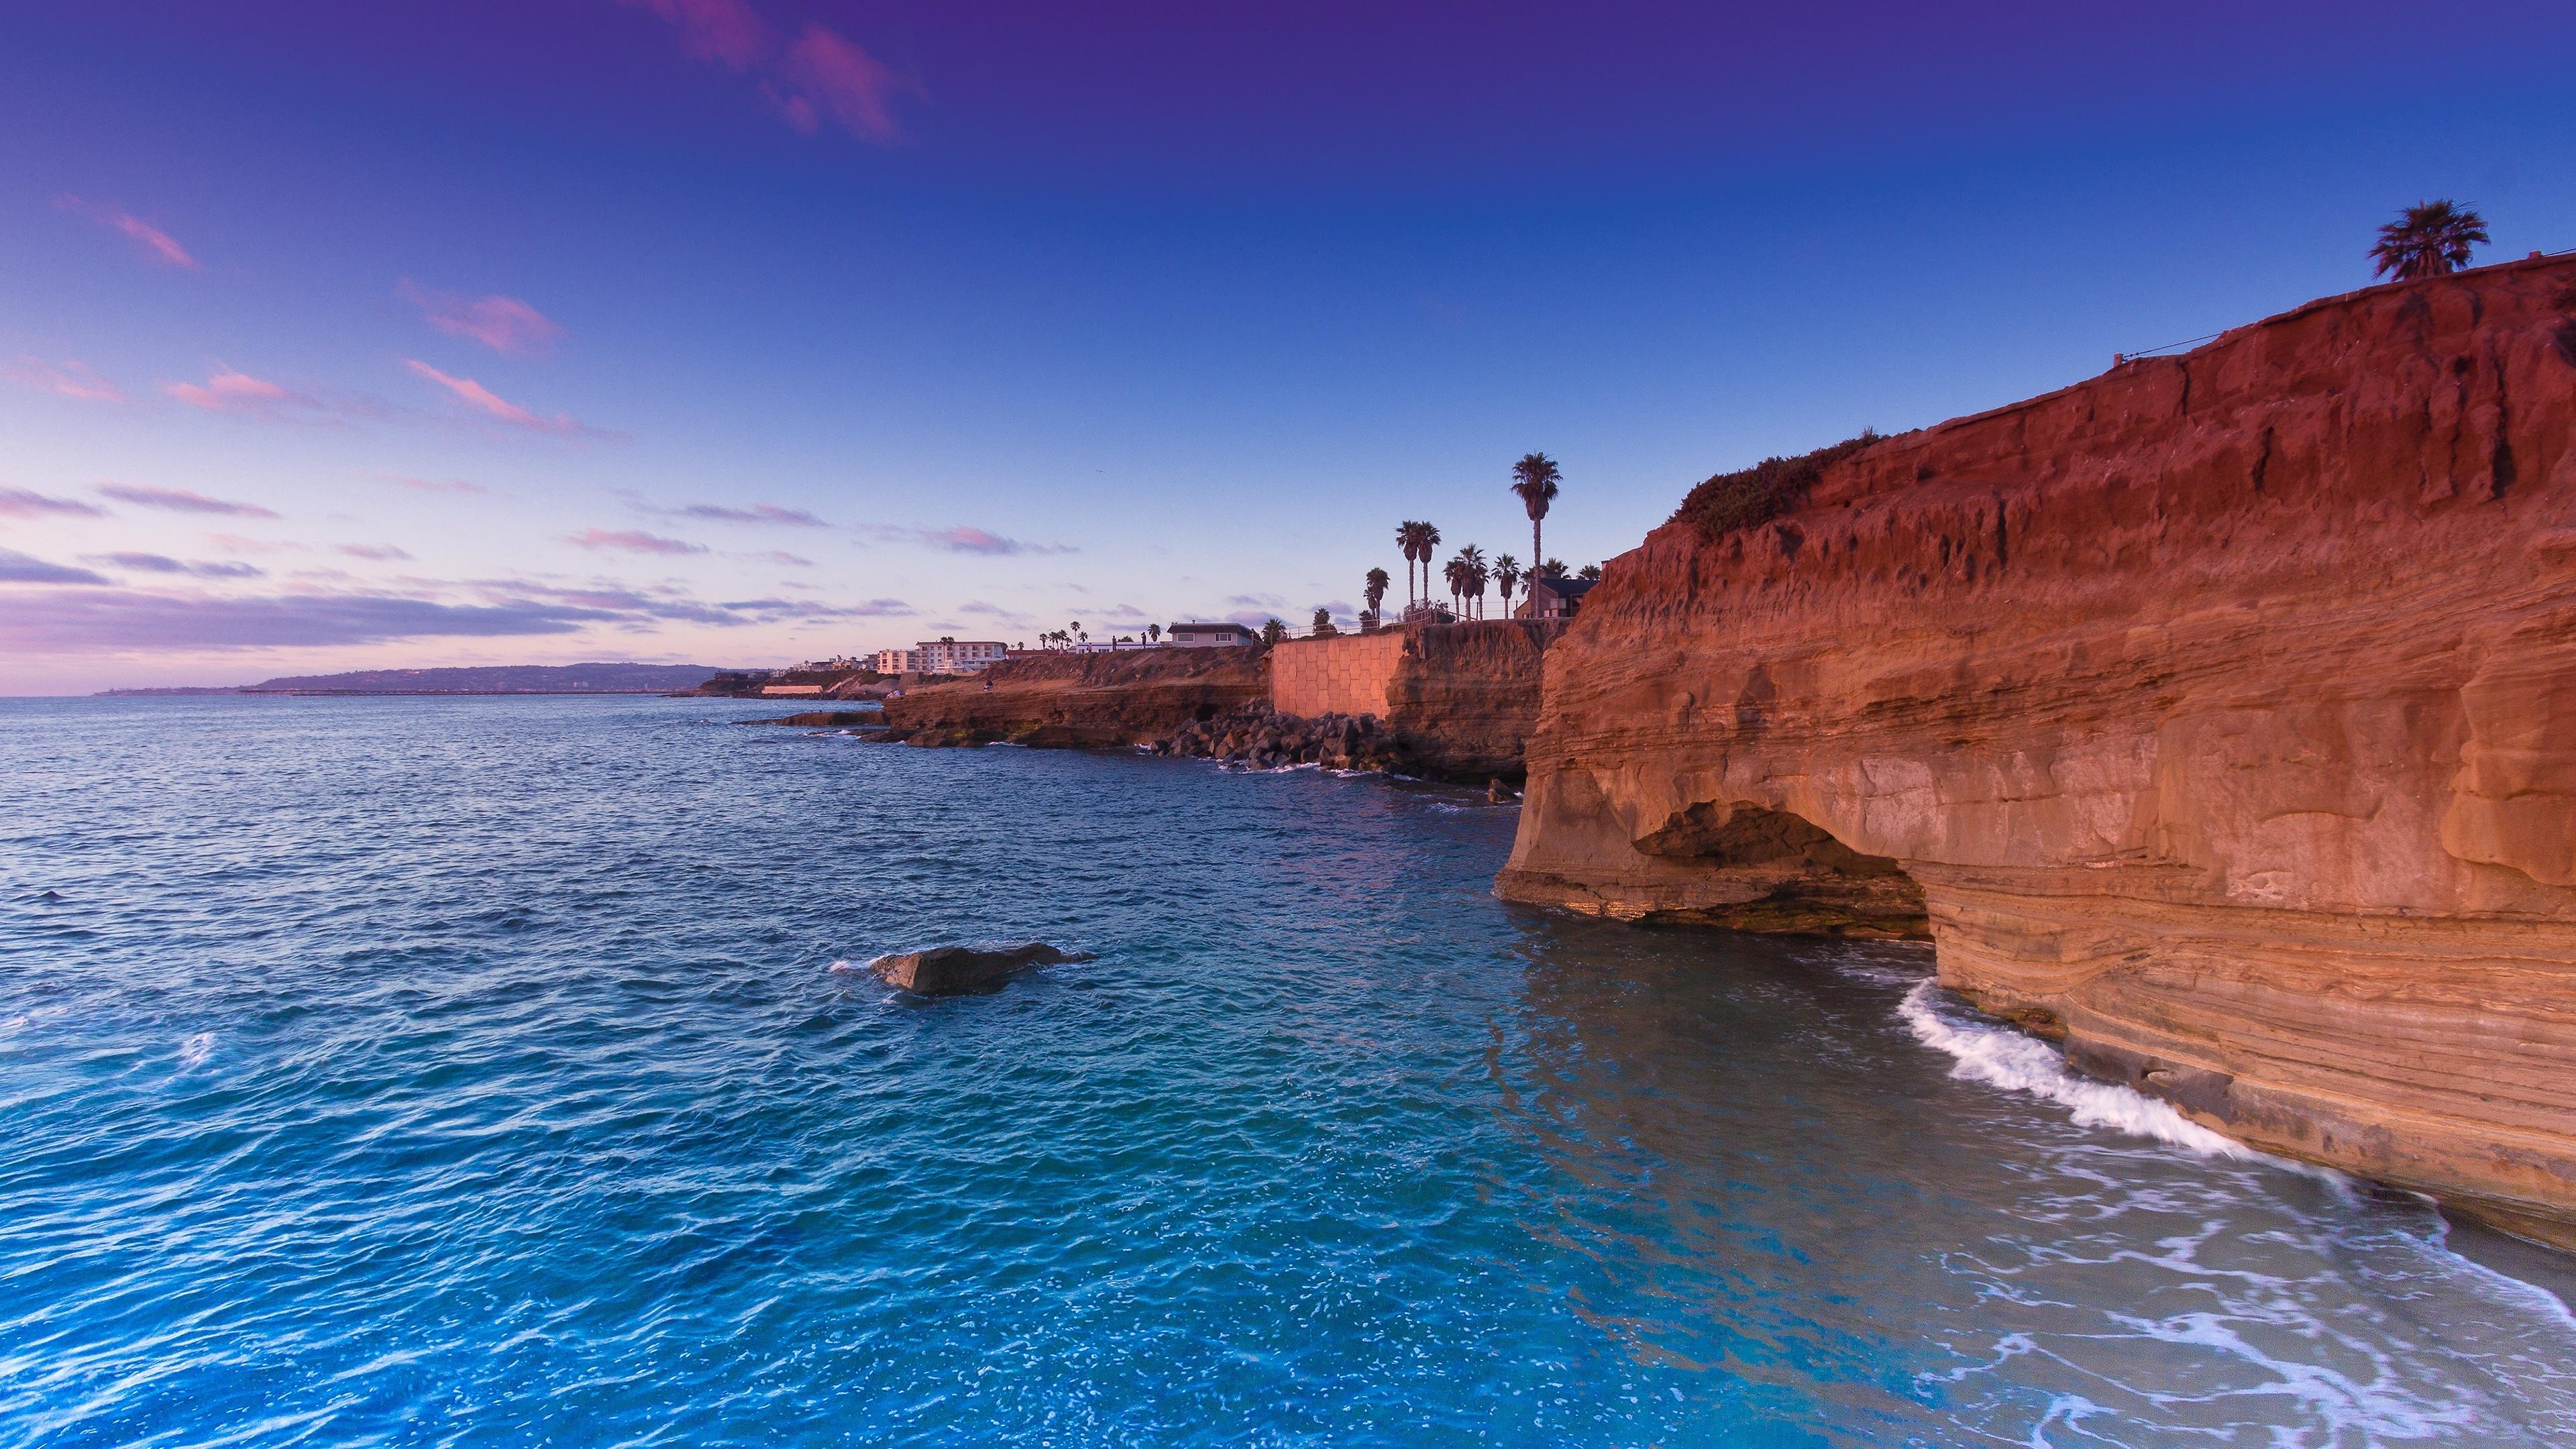 sunset cliffs pacific ocean san diego 4k ultra hd desktop wallpaper